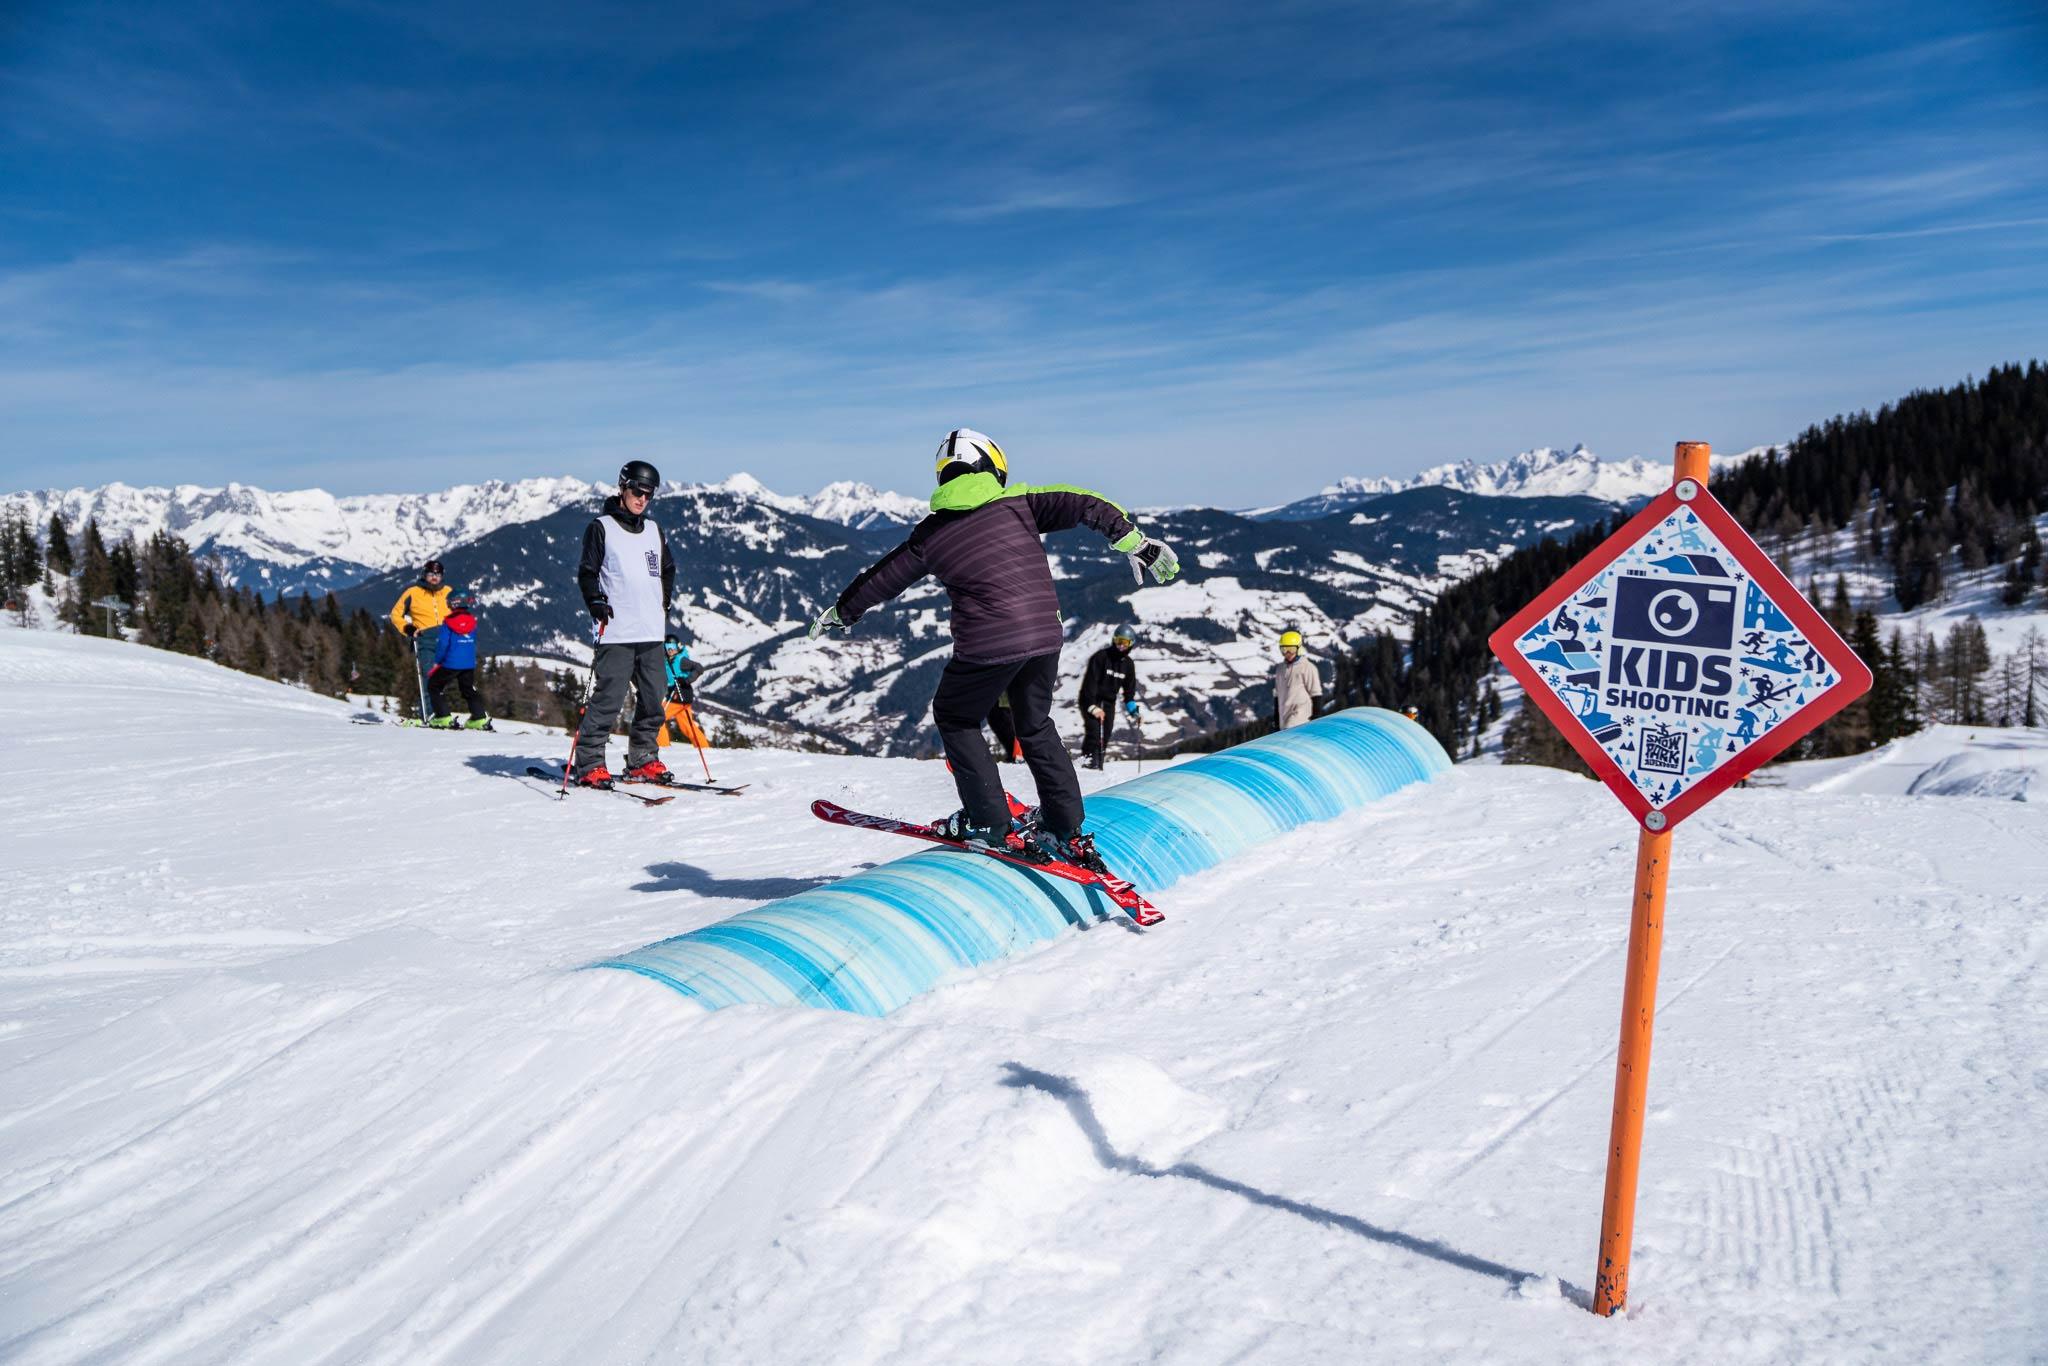 Mit professioneller Unterstützung wurde an Tricks und Moves im Snowpark gefeilt - Foto: Gert Perauer